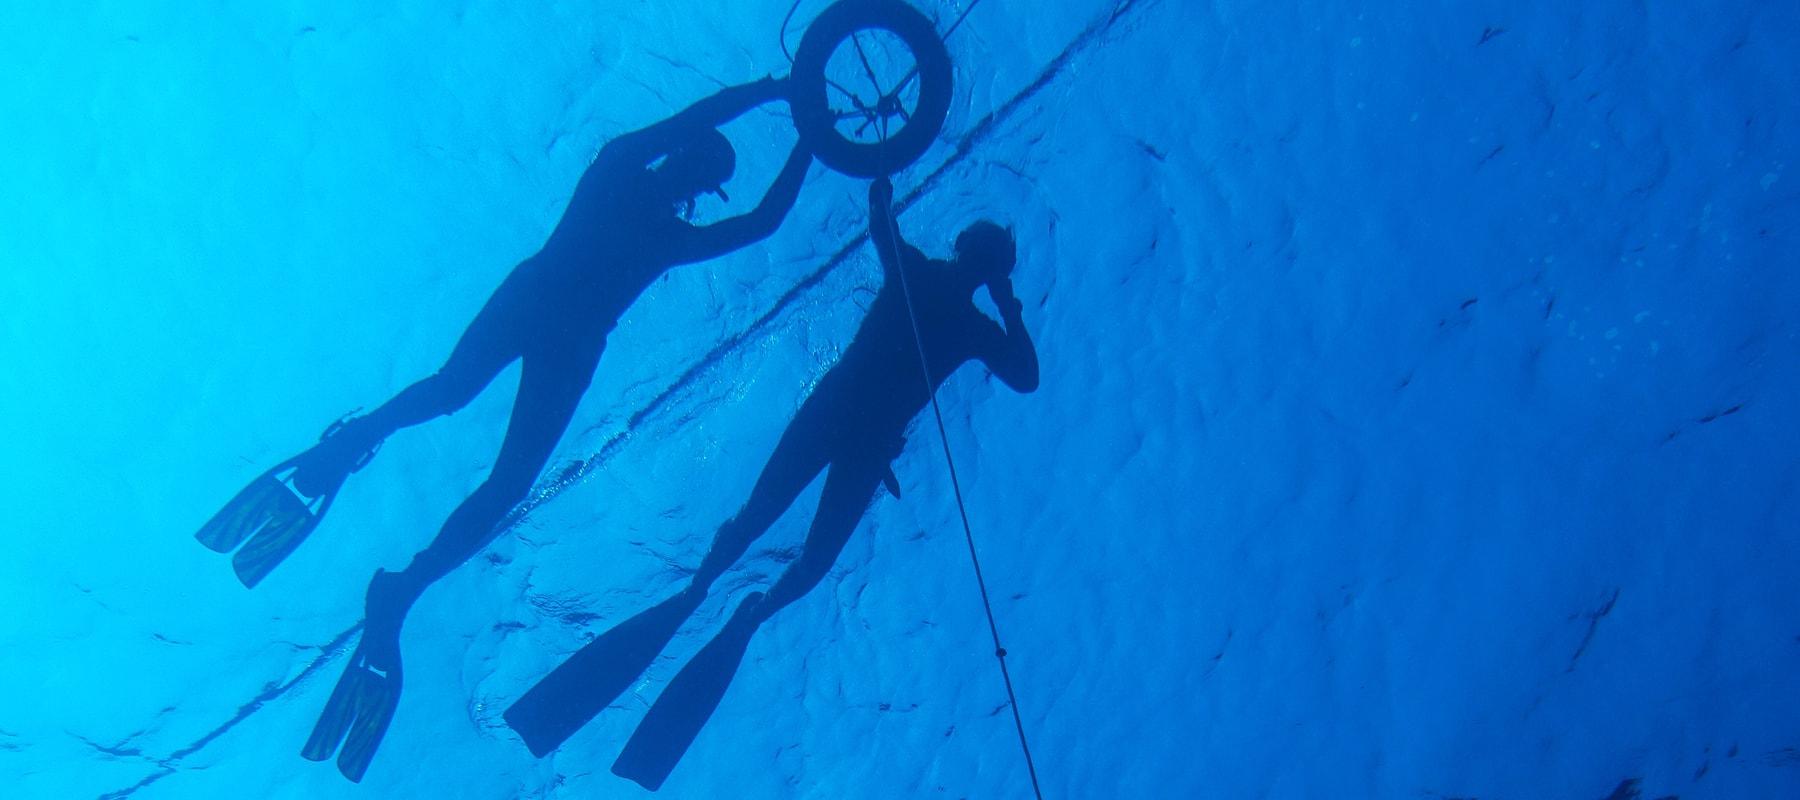 freediver-03